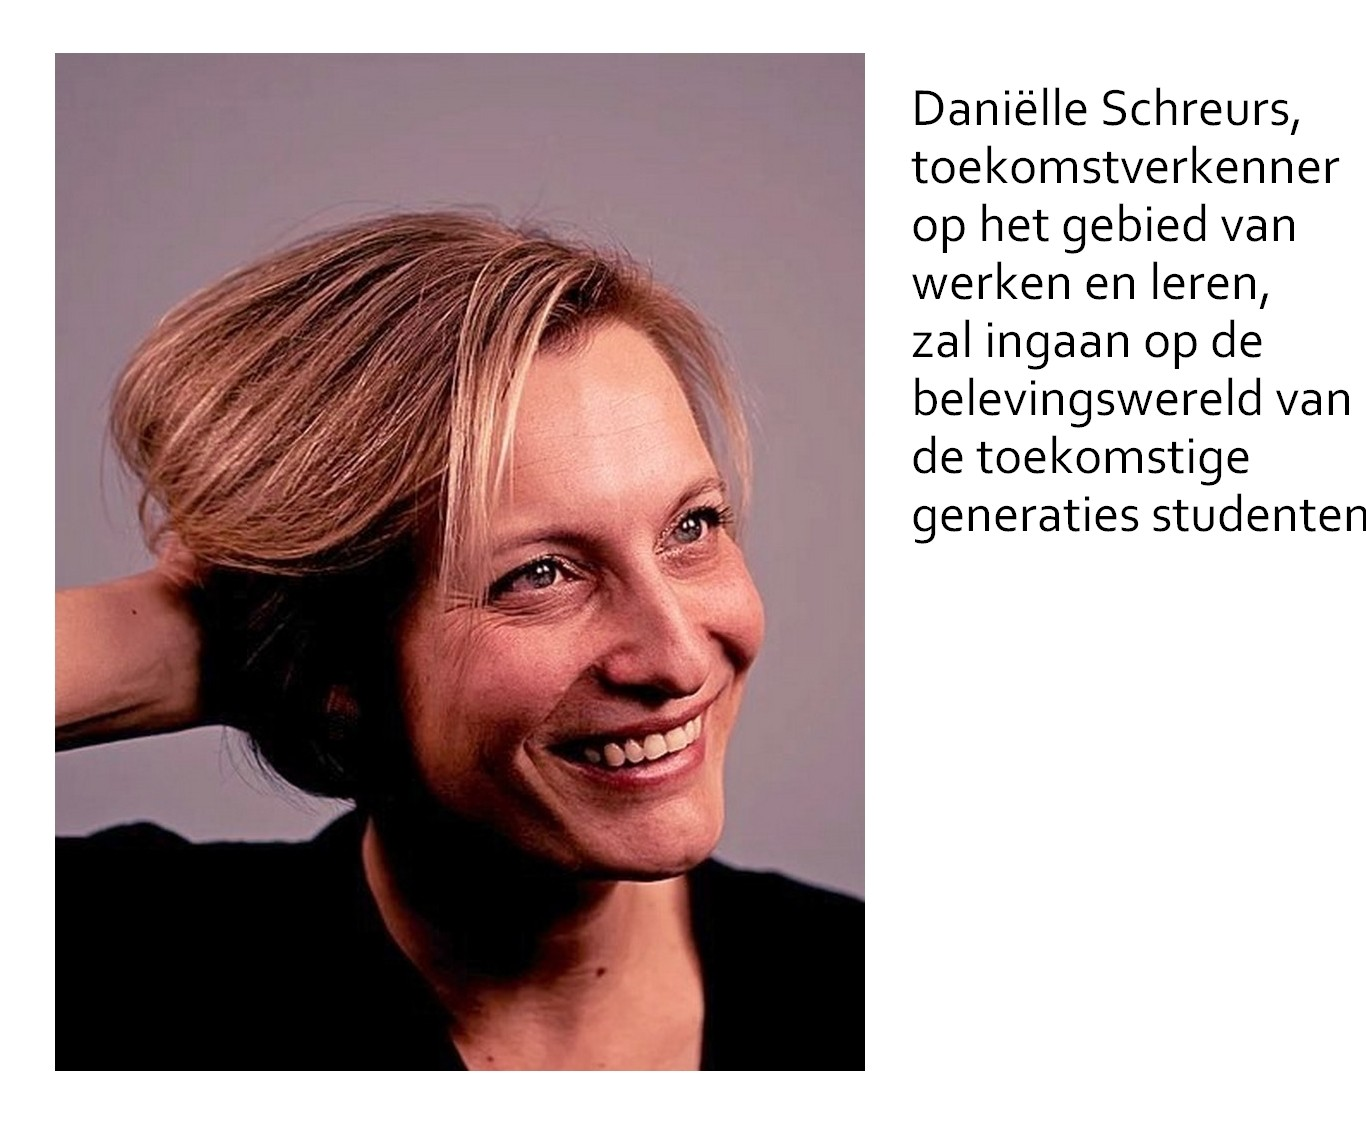 Daniëlle Schreurs, trendwatcher werken en leren